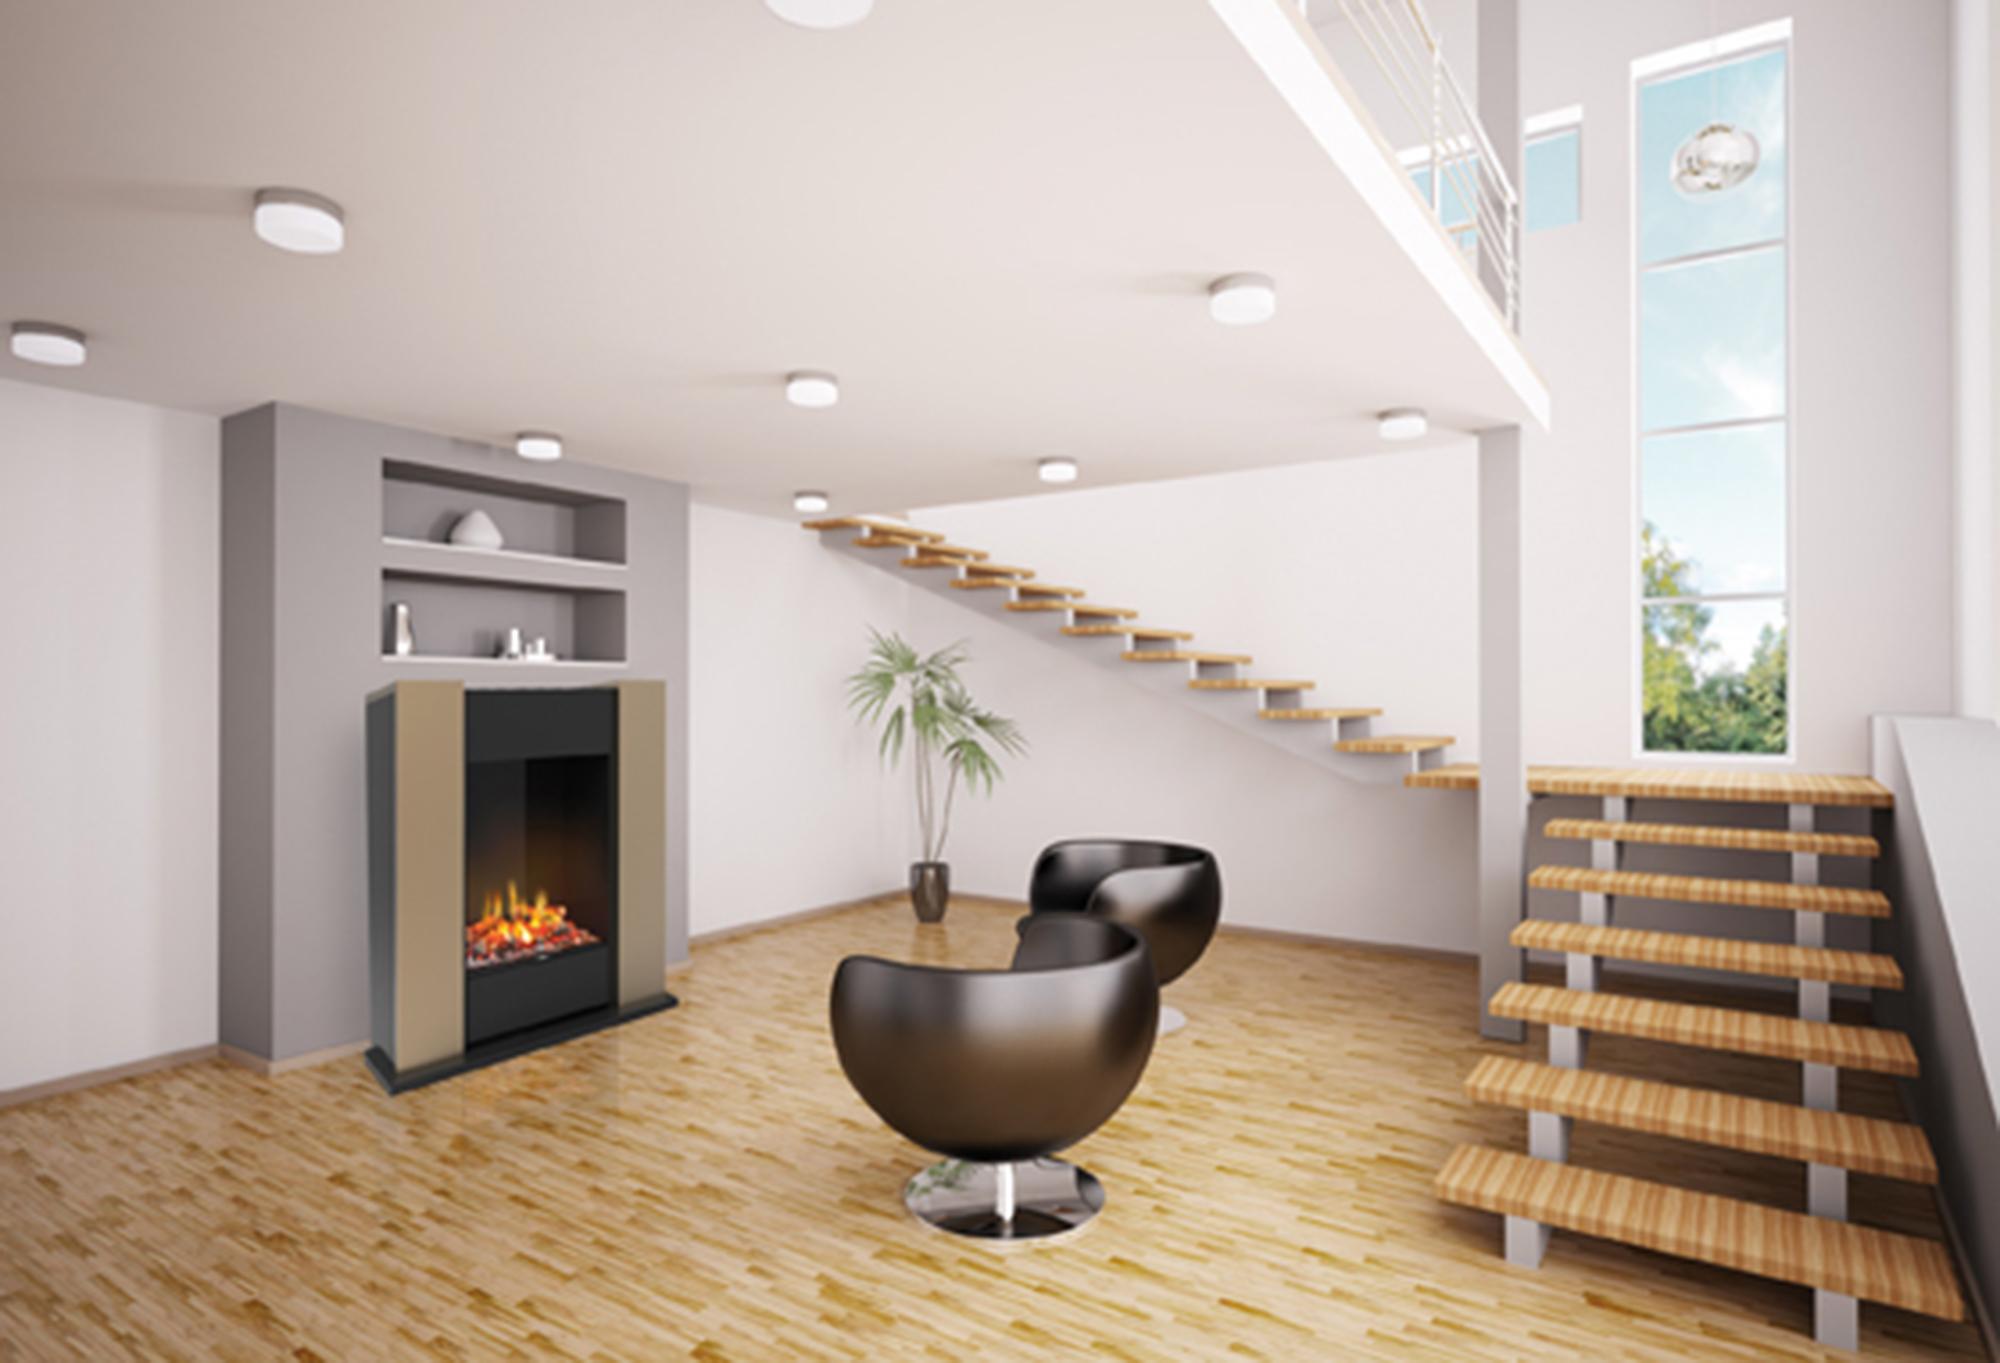 galerie wohnzimmer virneburg inspiration design raum und m bel f r ihre wohnkultur